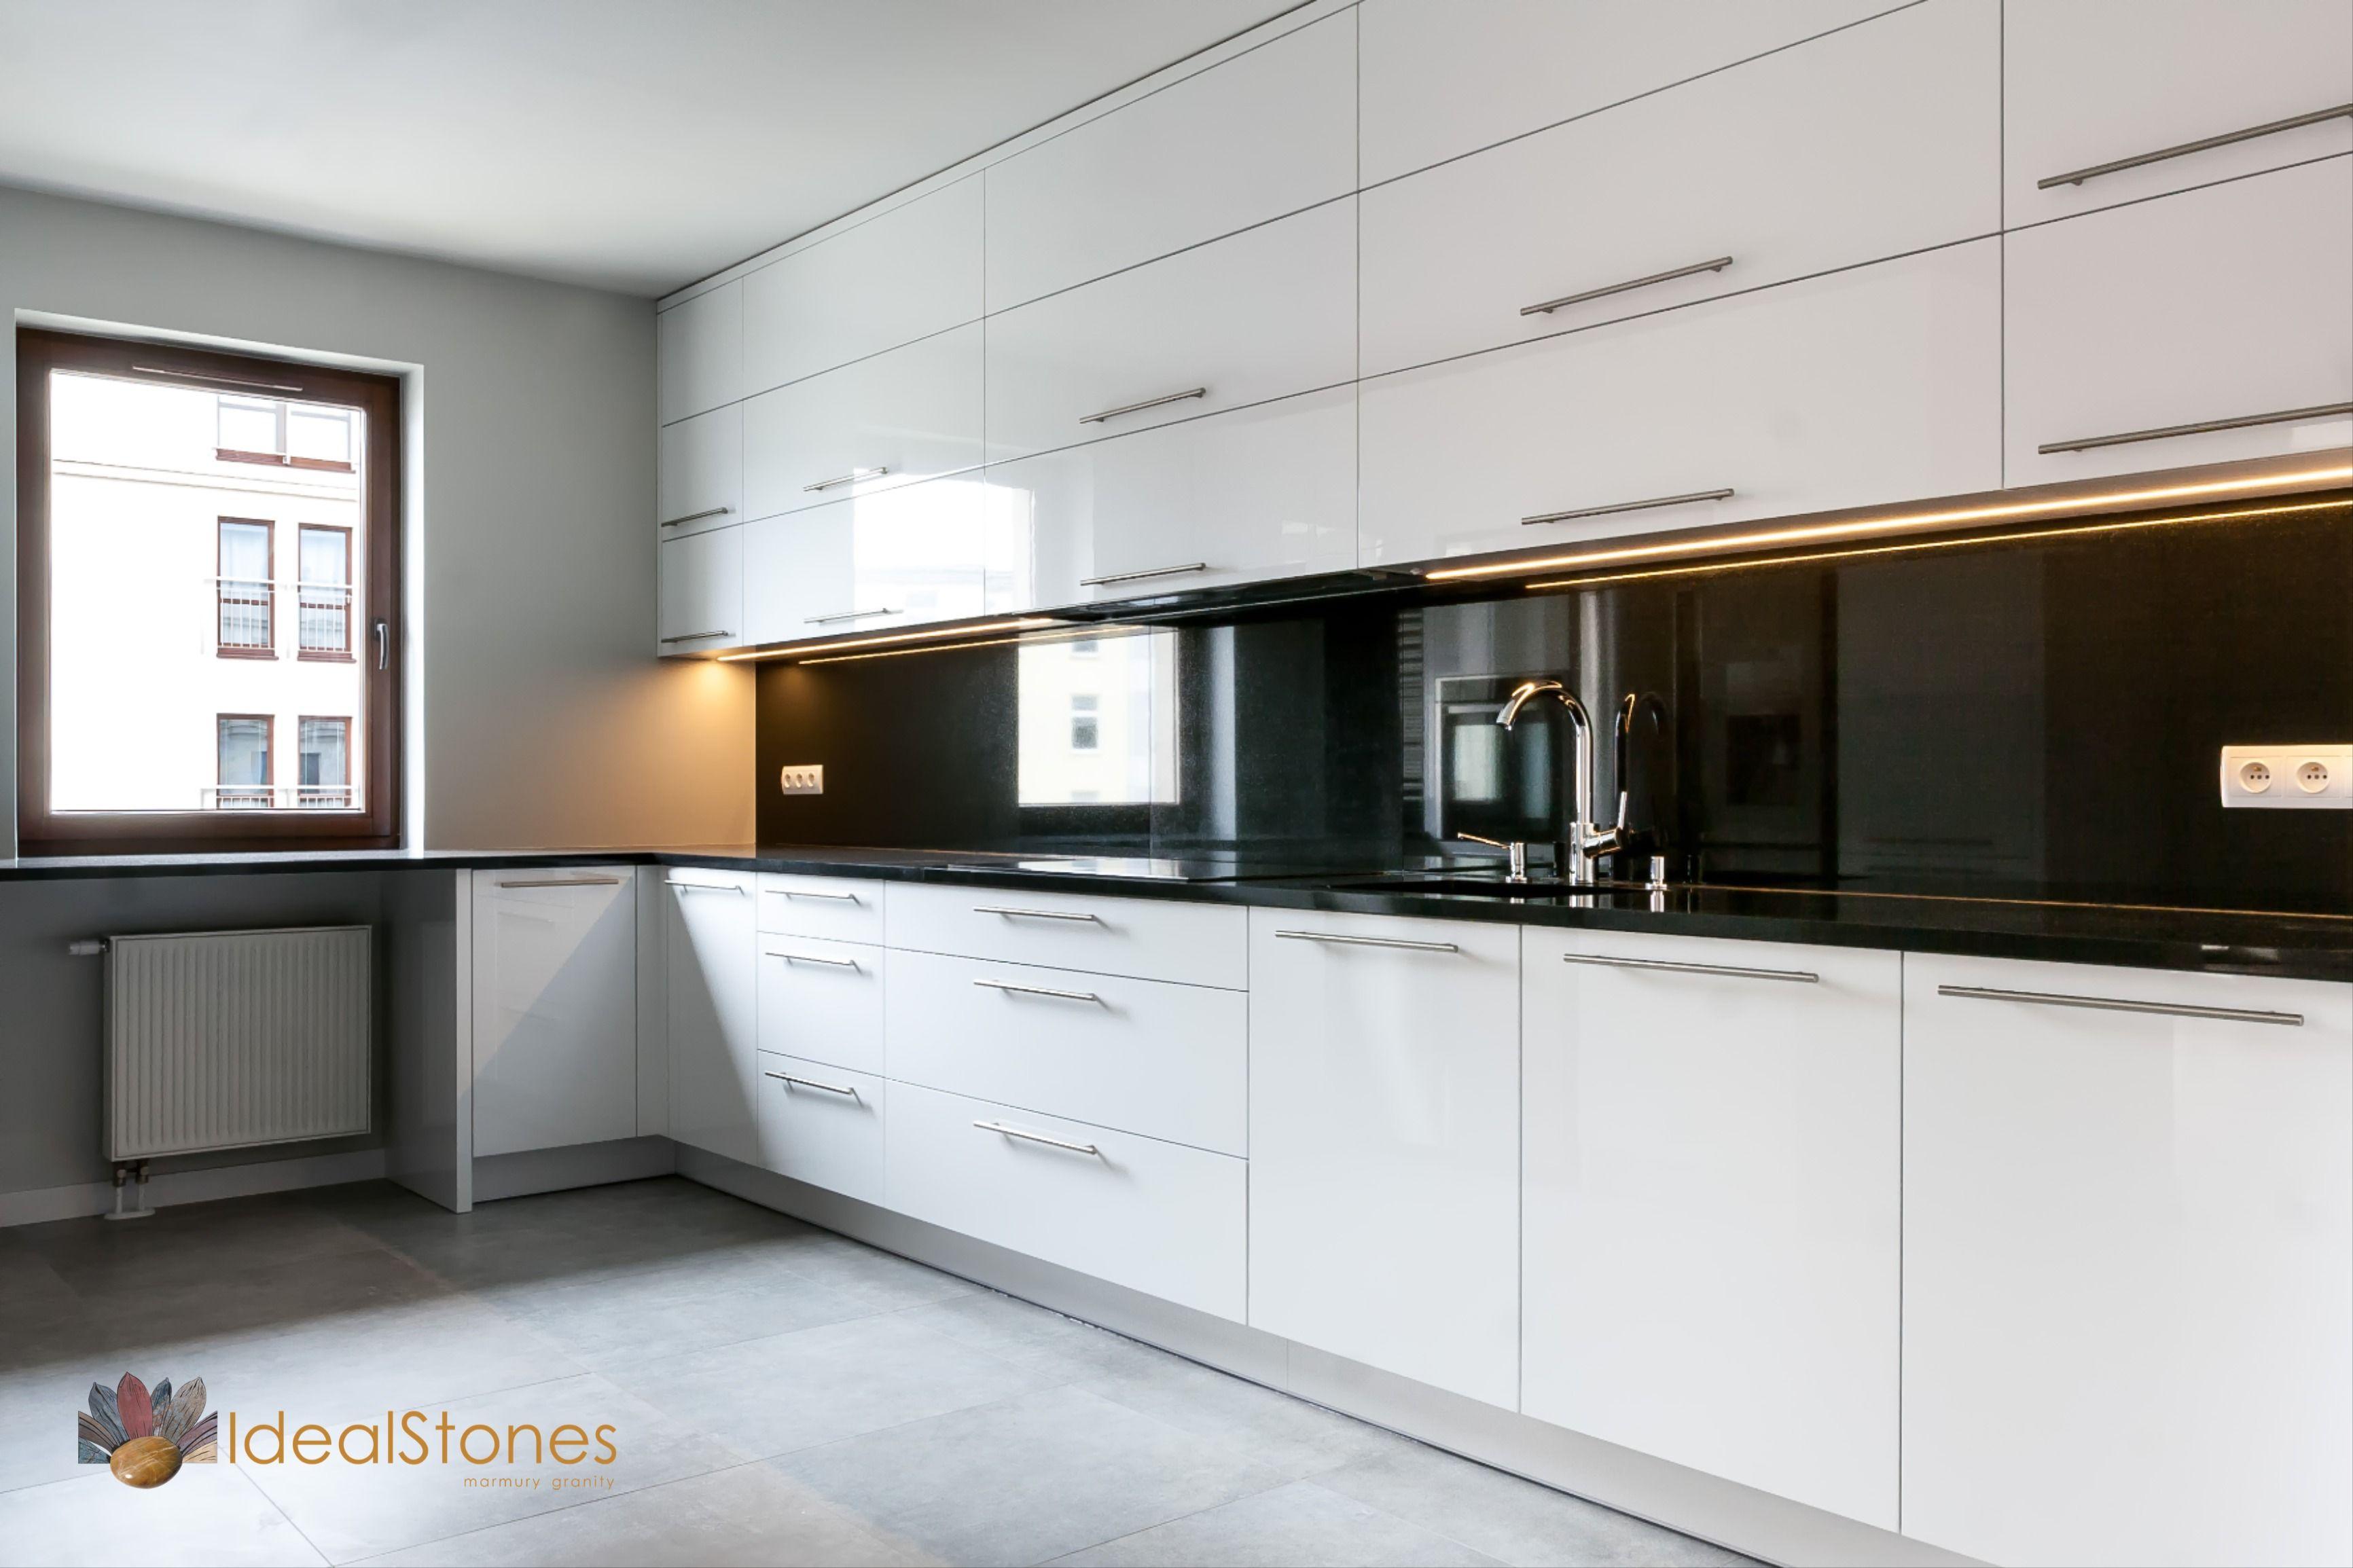 Blat Kamienny Granitowy I Panel Scienny W Kolorze Czarnym Z Kamienia Naturalnego Do Kuchni Kitchen Home Decor Decor